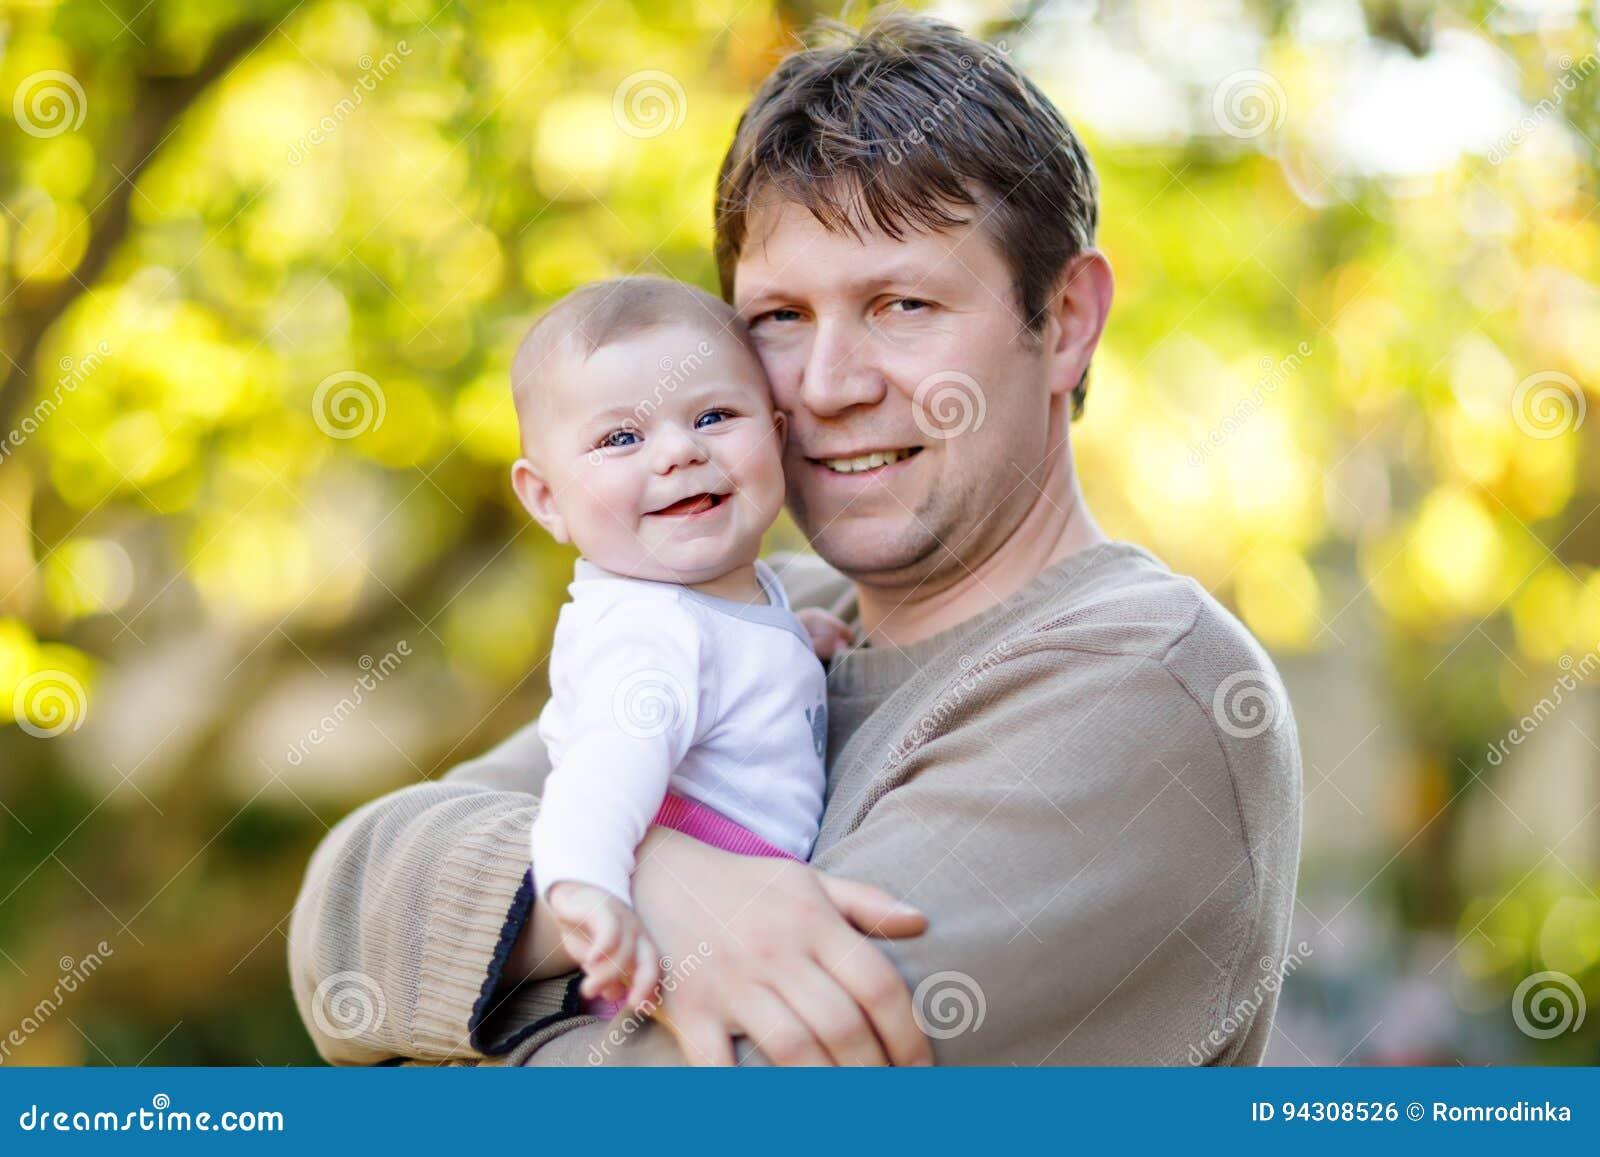 Giovane padre fiero felice con la figlia del neonato, ritratto della famiglia insieme